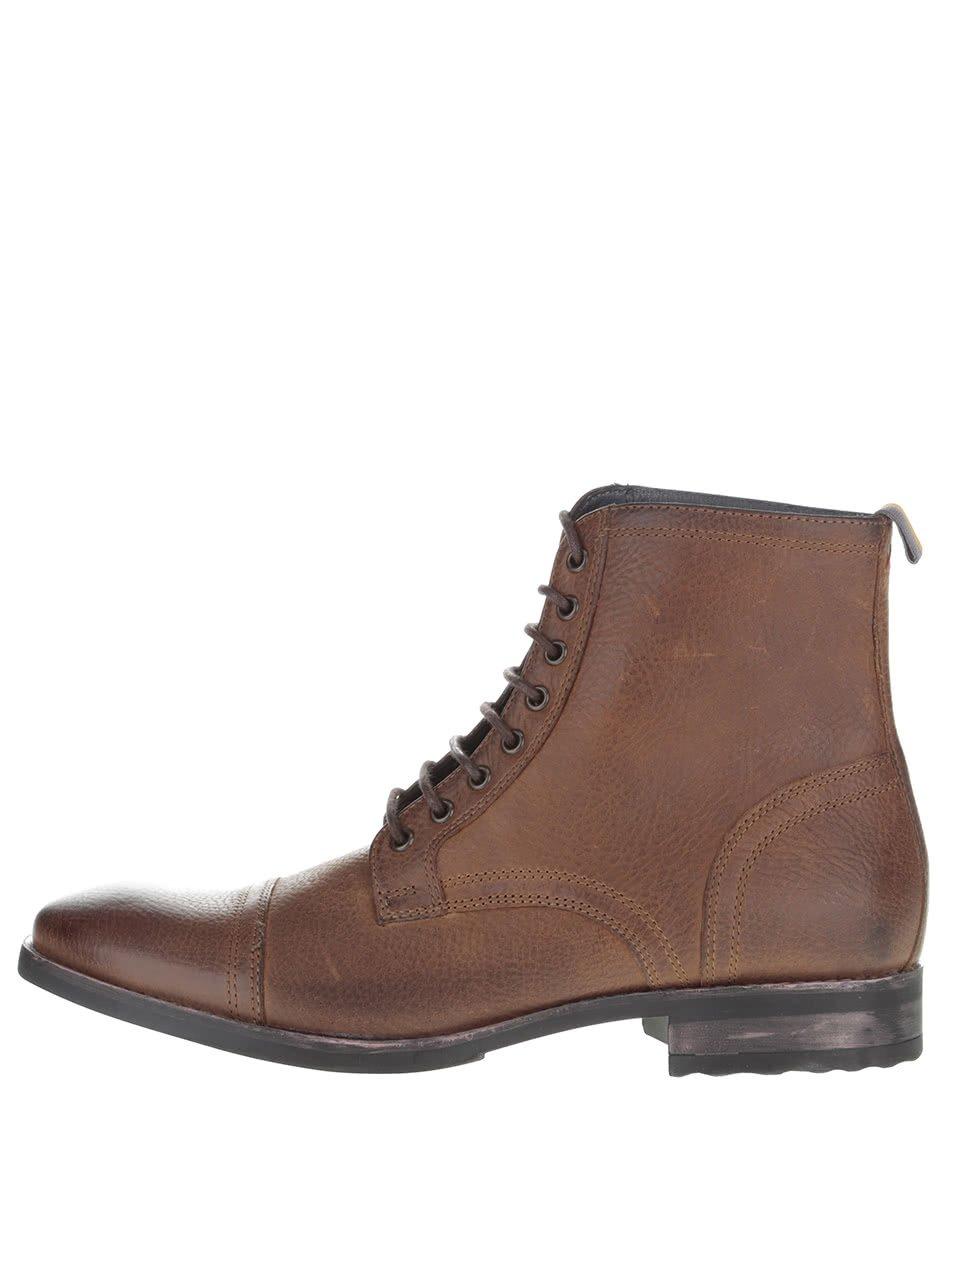 Tmavě hnědé kožené kotníkové boty Frank Wright Marris